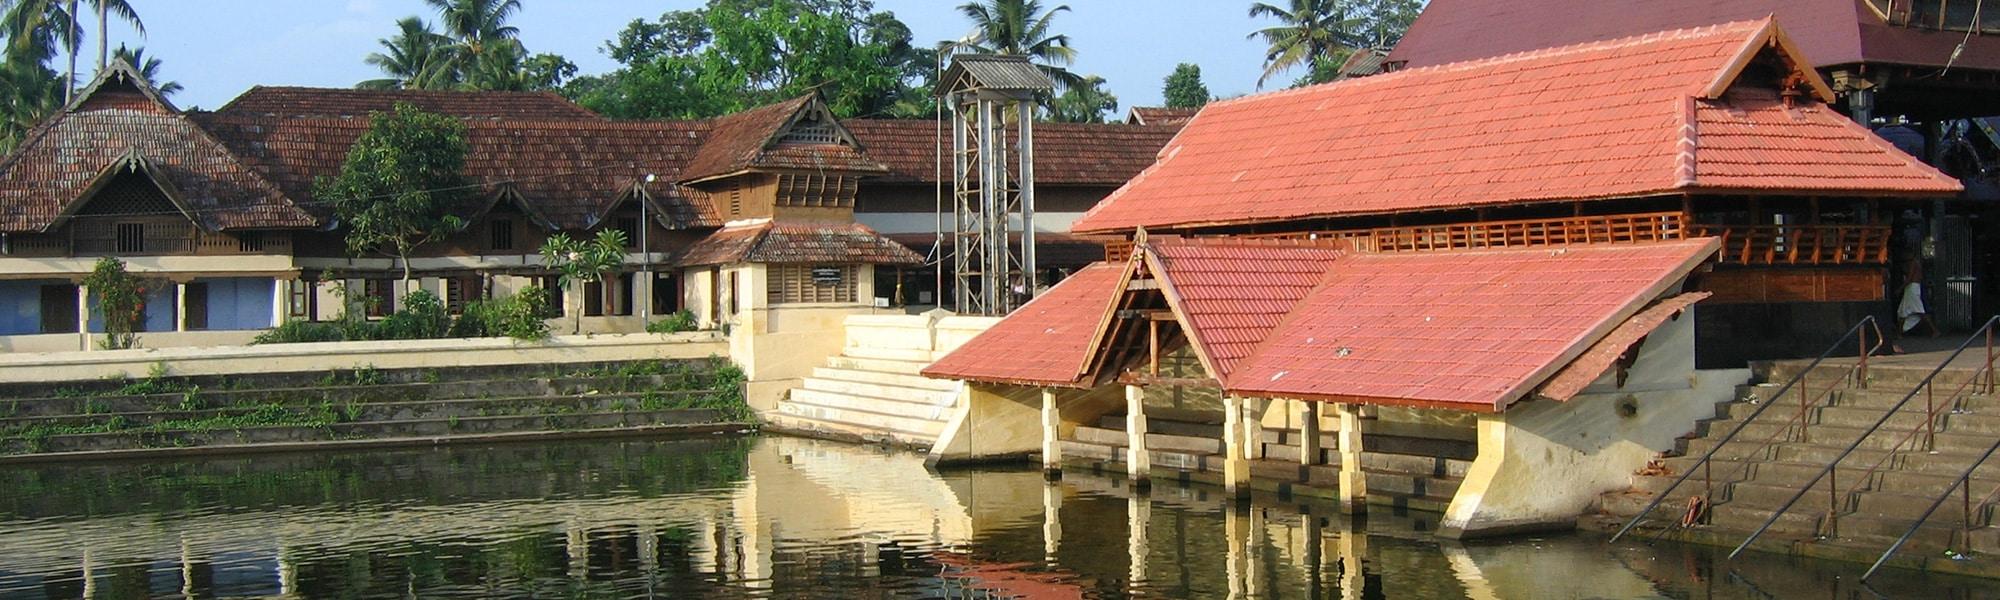 Ambalappuzha